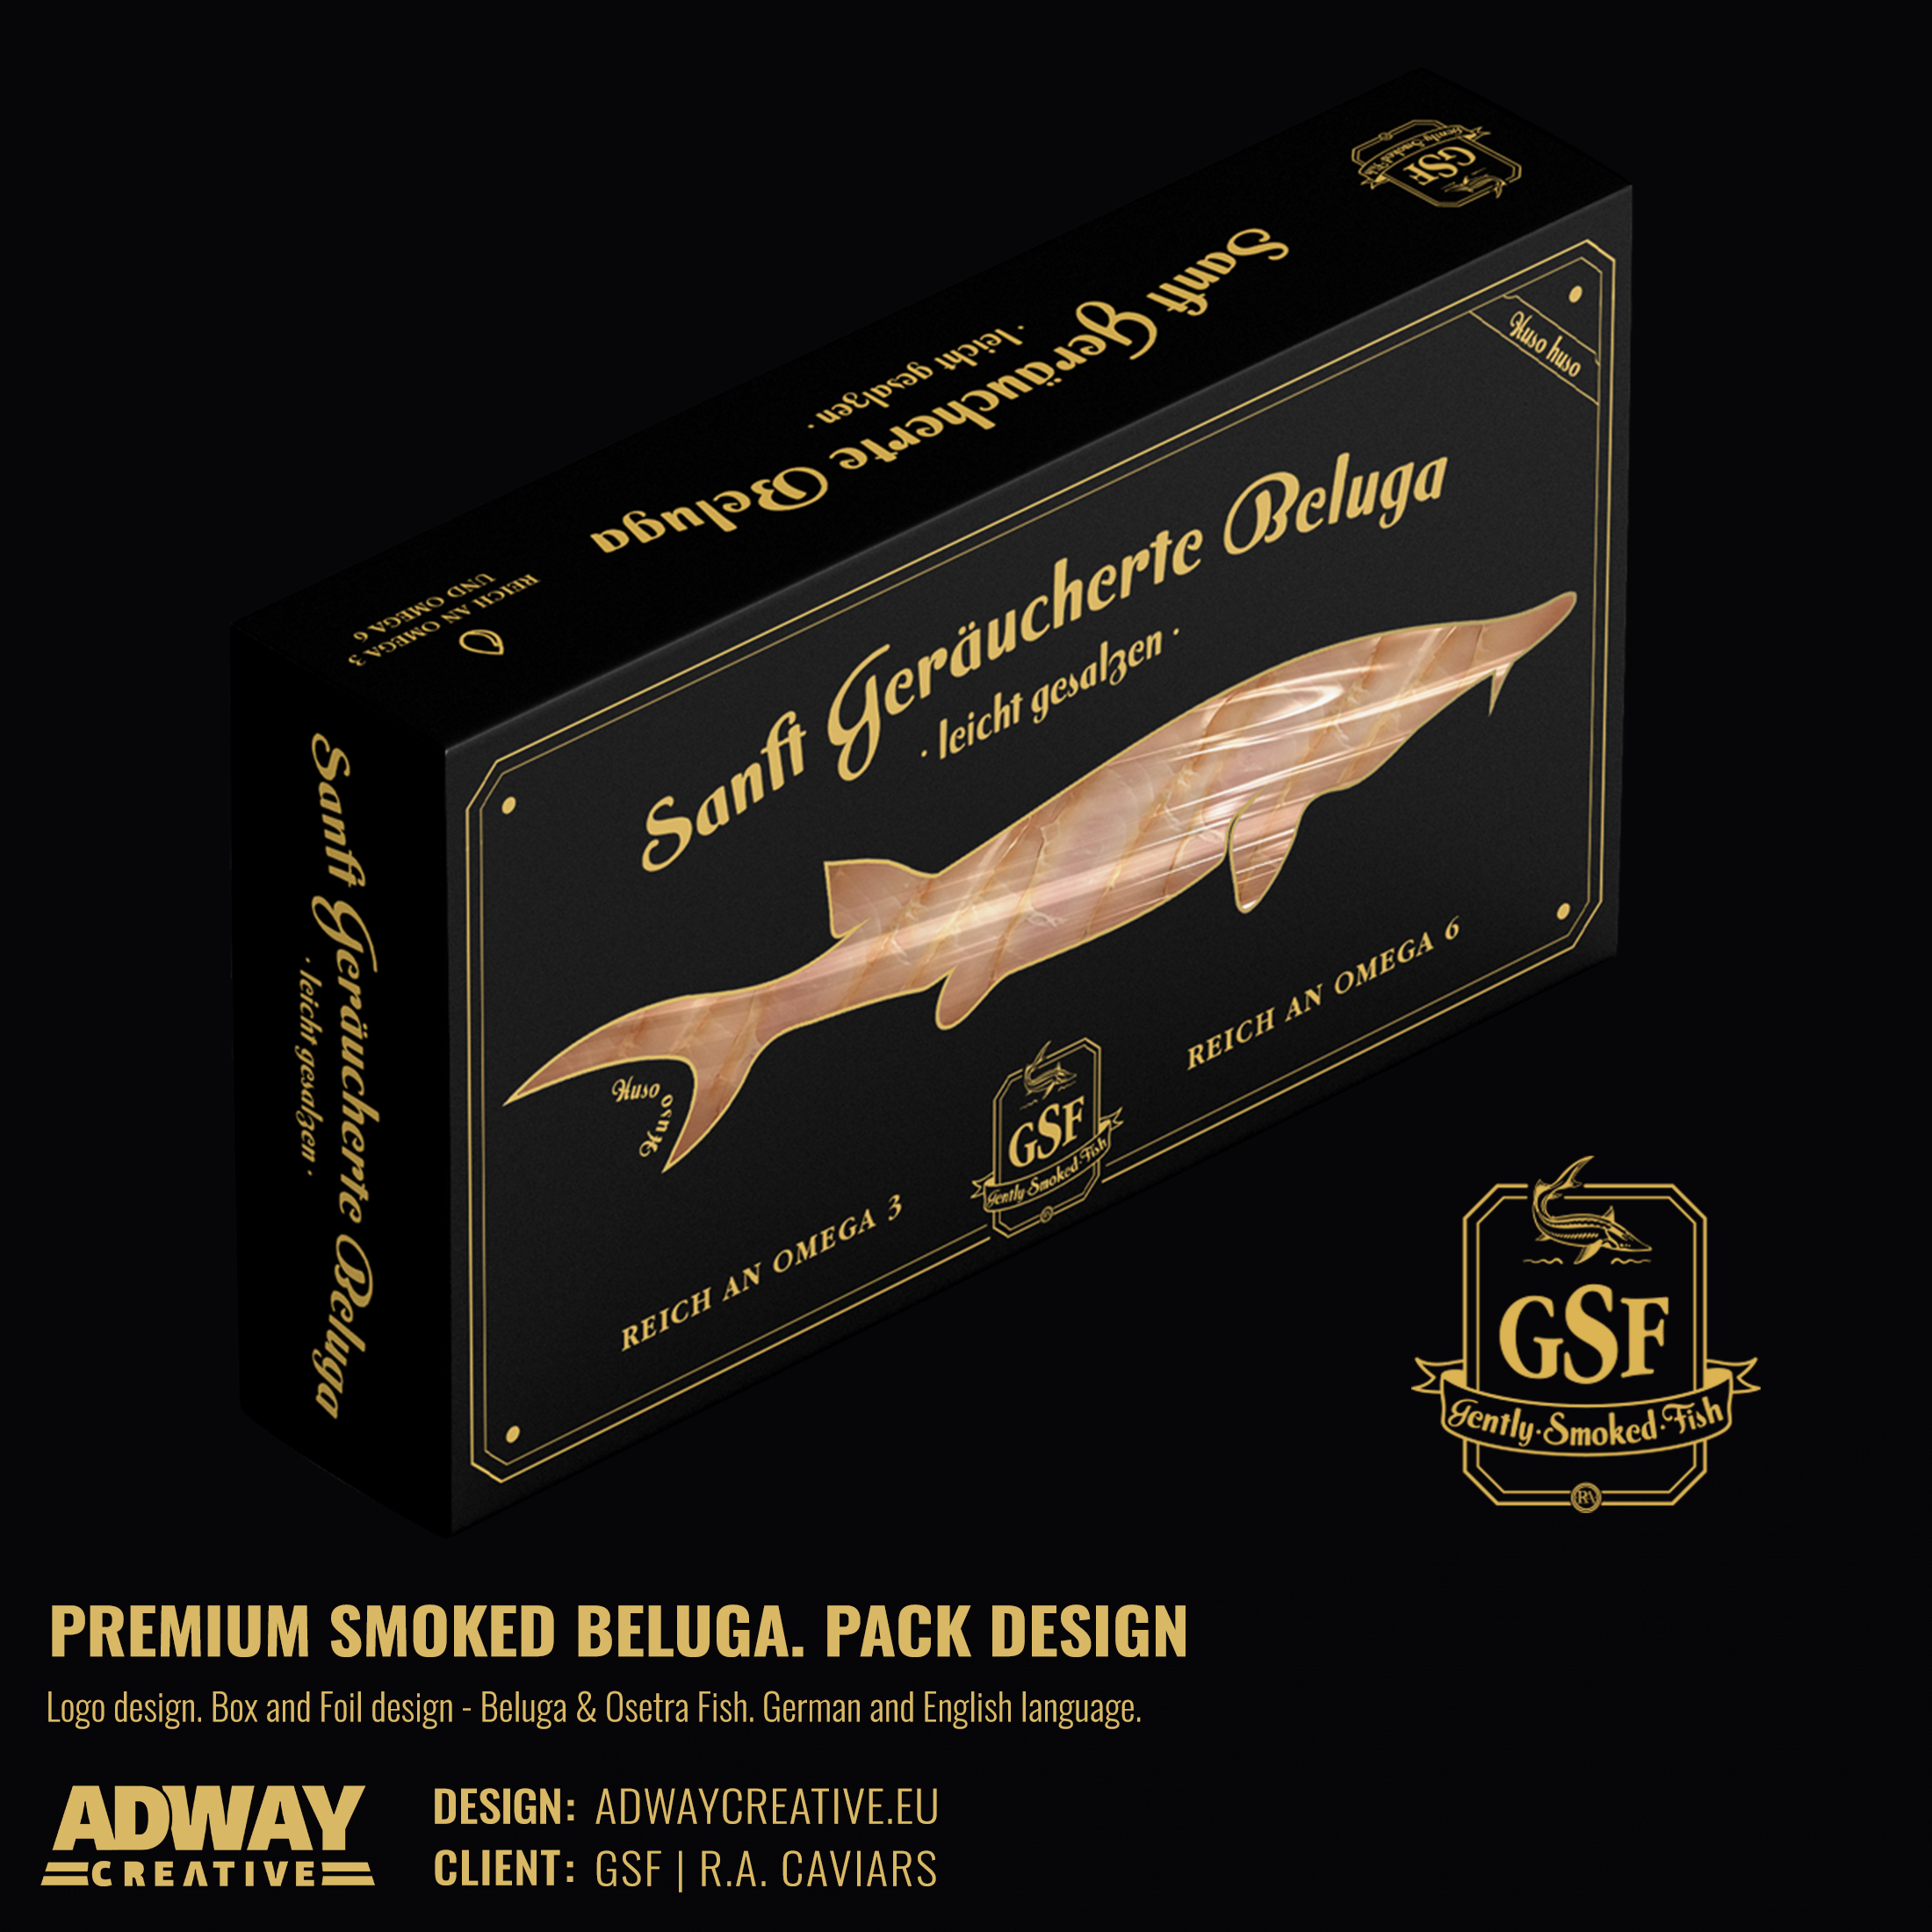 Дизайн на опаковка за пушена риба - Белуга - R.A. Caviars